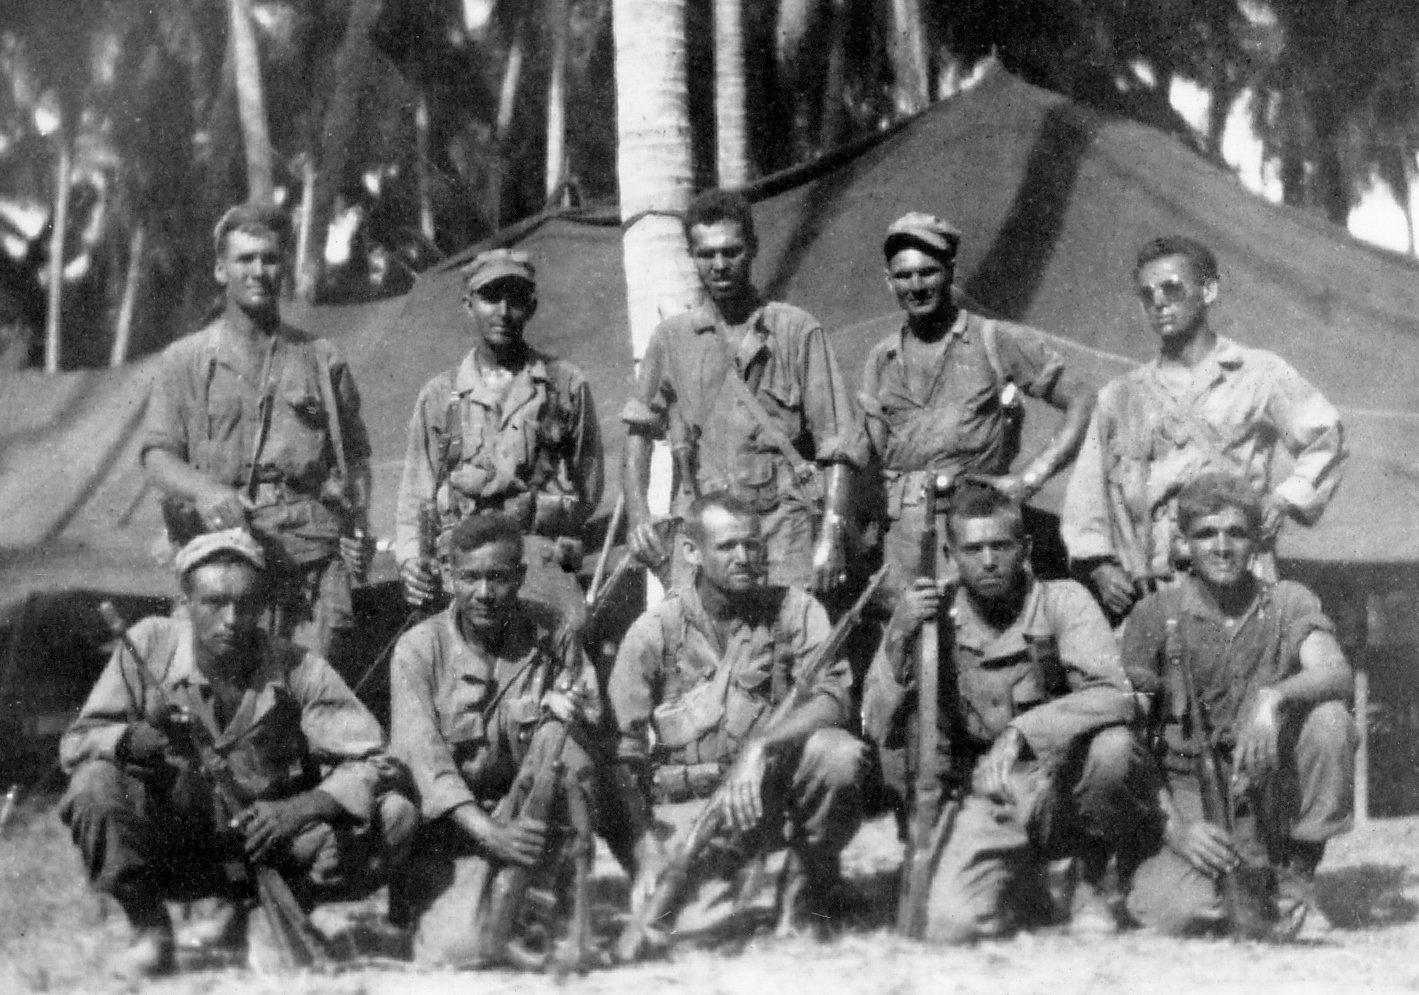 Cabanatuan Raid